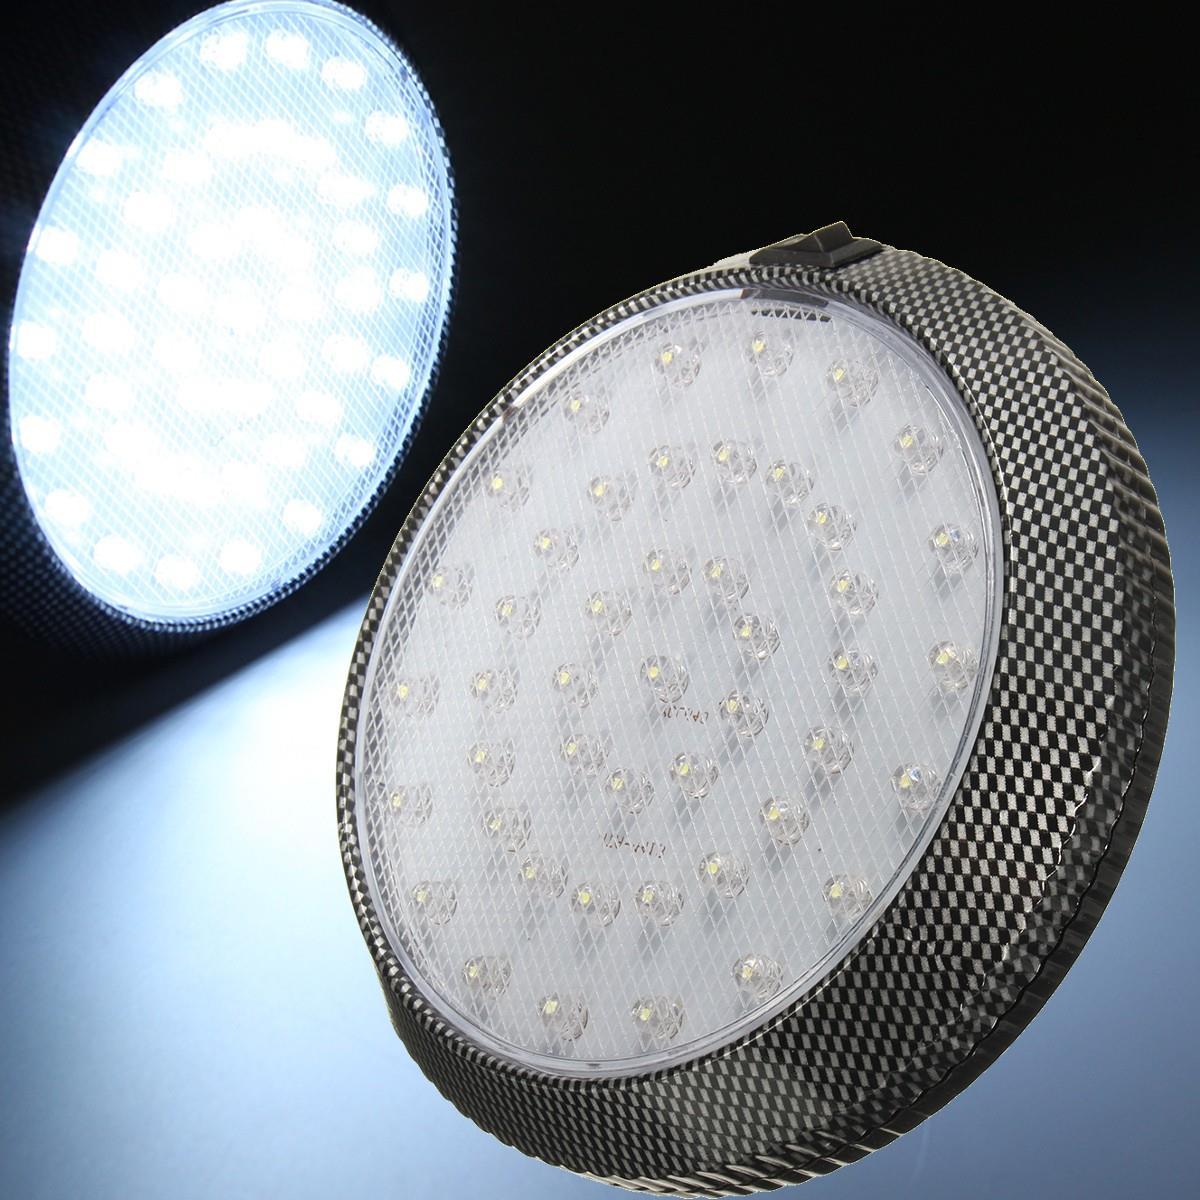 Atemberaubend Putting Led Leuchten In Ihrem Auto Fotos - Elektrische ...